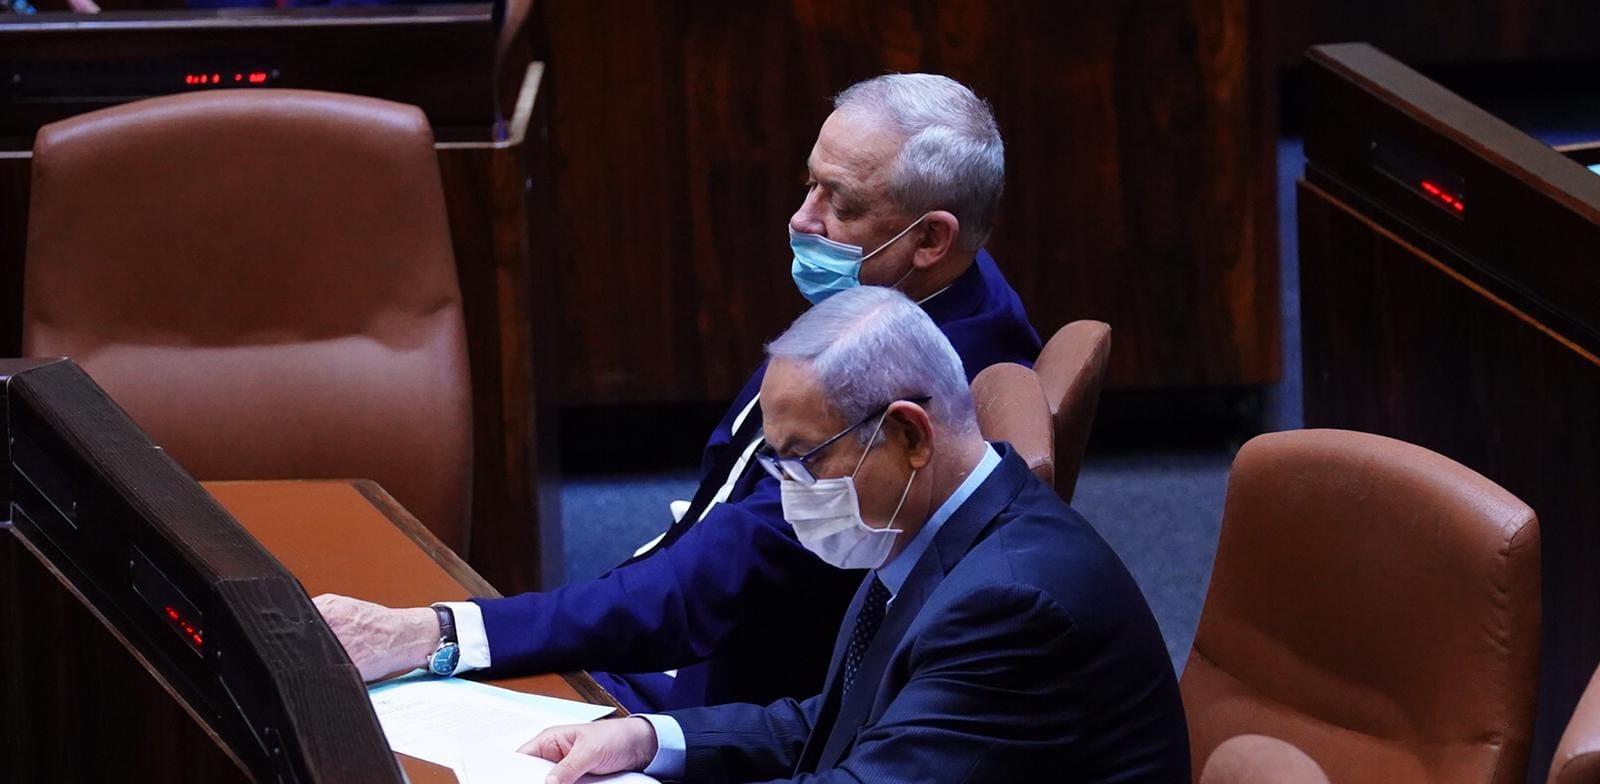 ראש הממשלה נתניהו ושר הביטחון גנץ / צילום: דוברות הכנסת עדינה ולמן